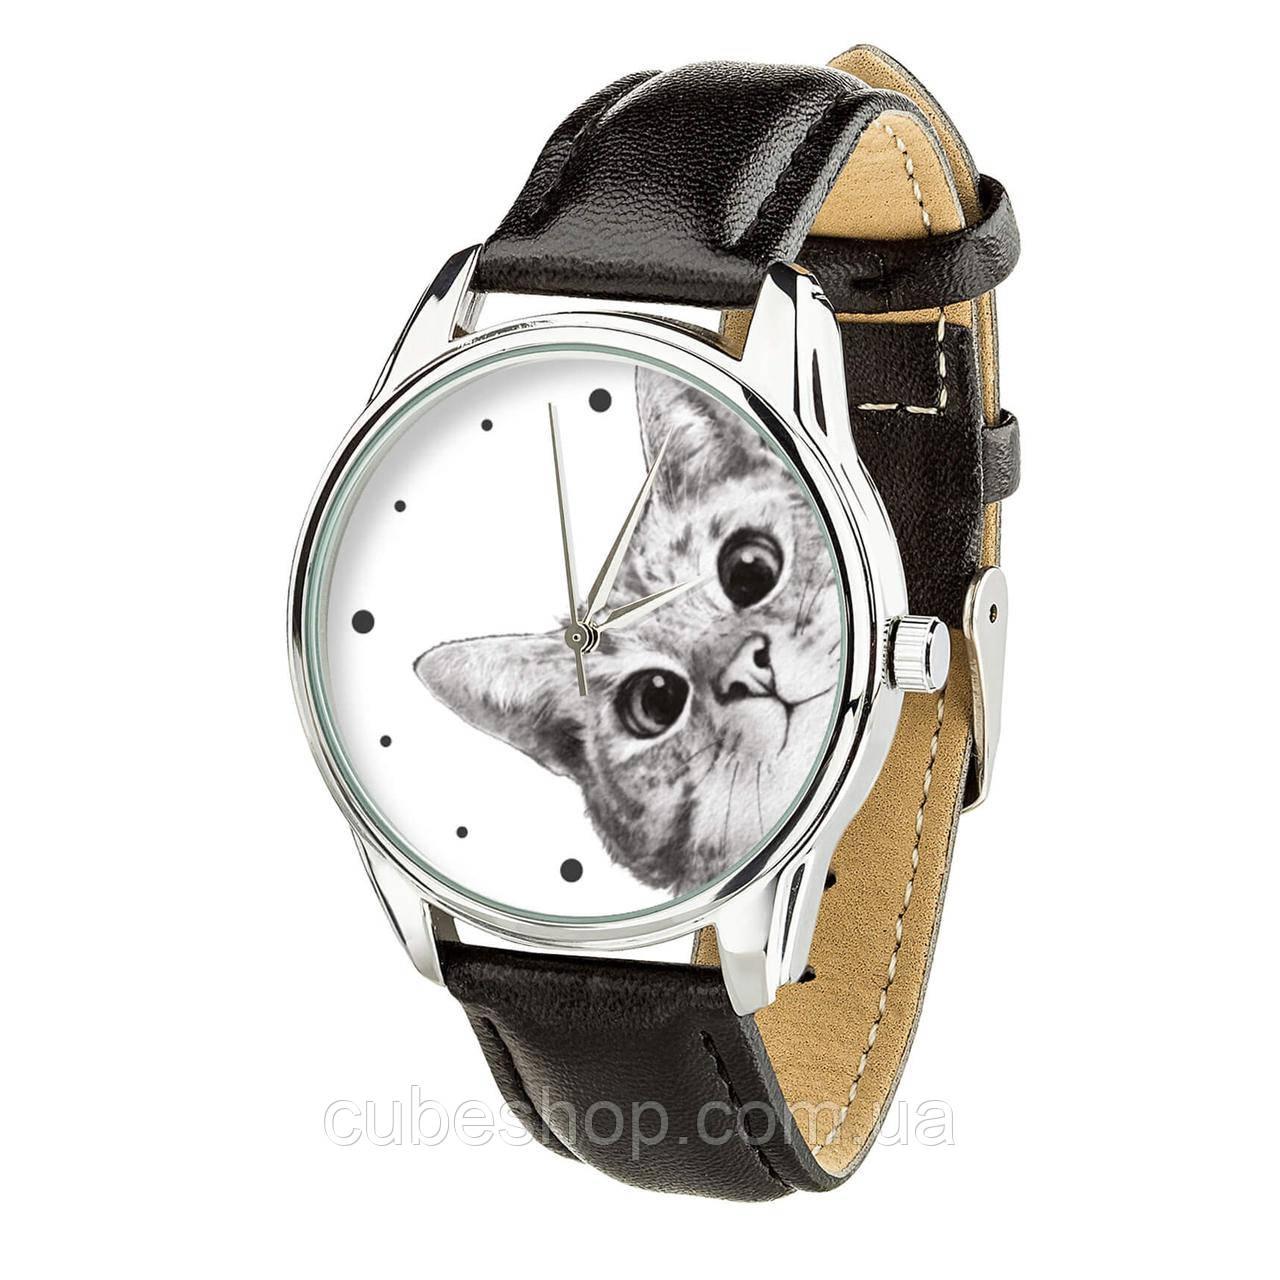 76e3c116985a Часы наручные